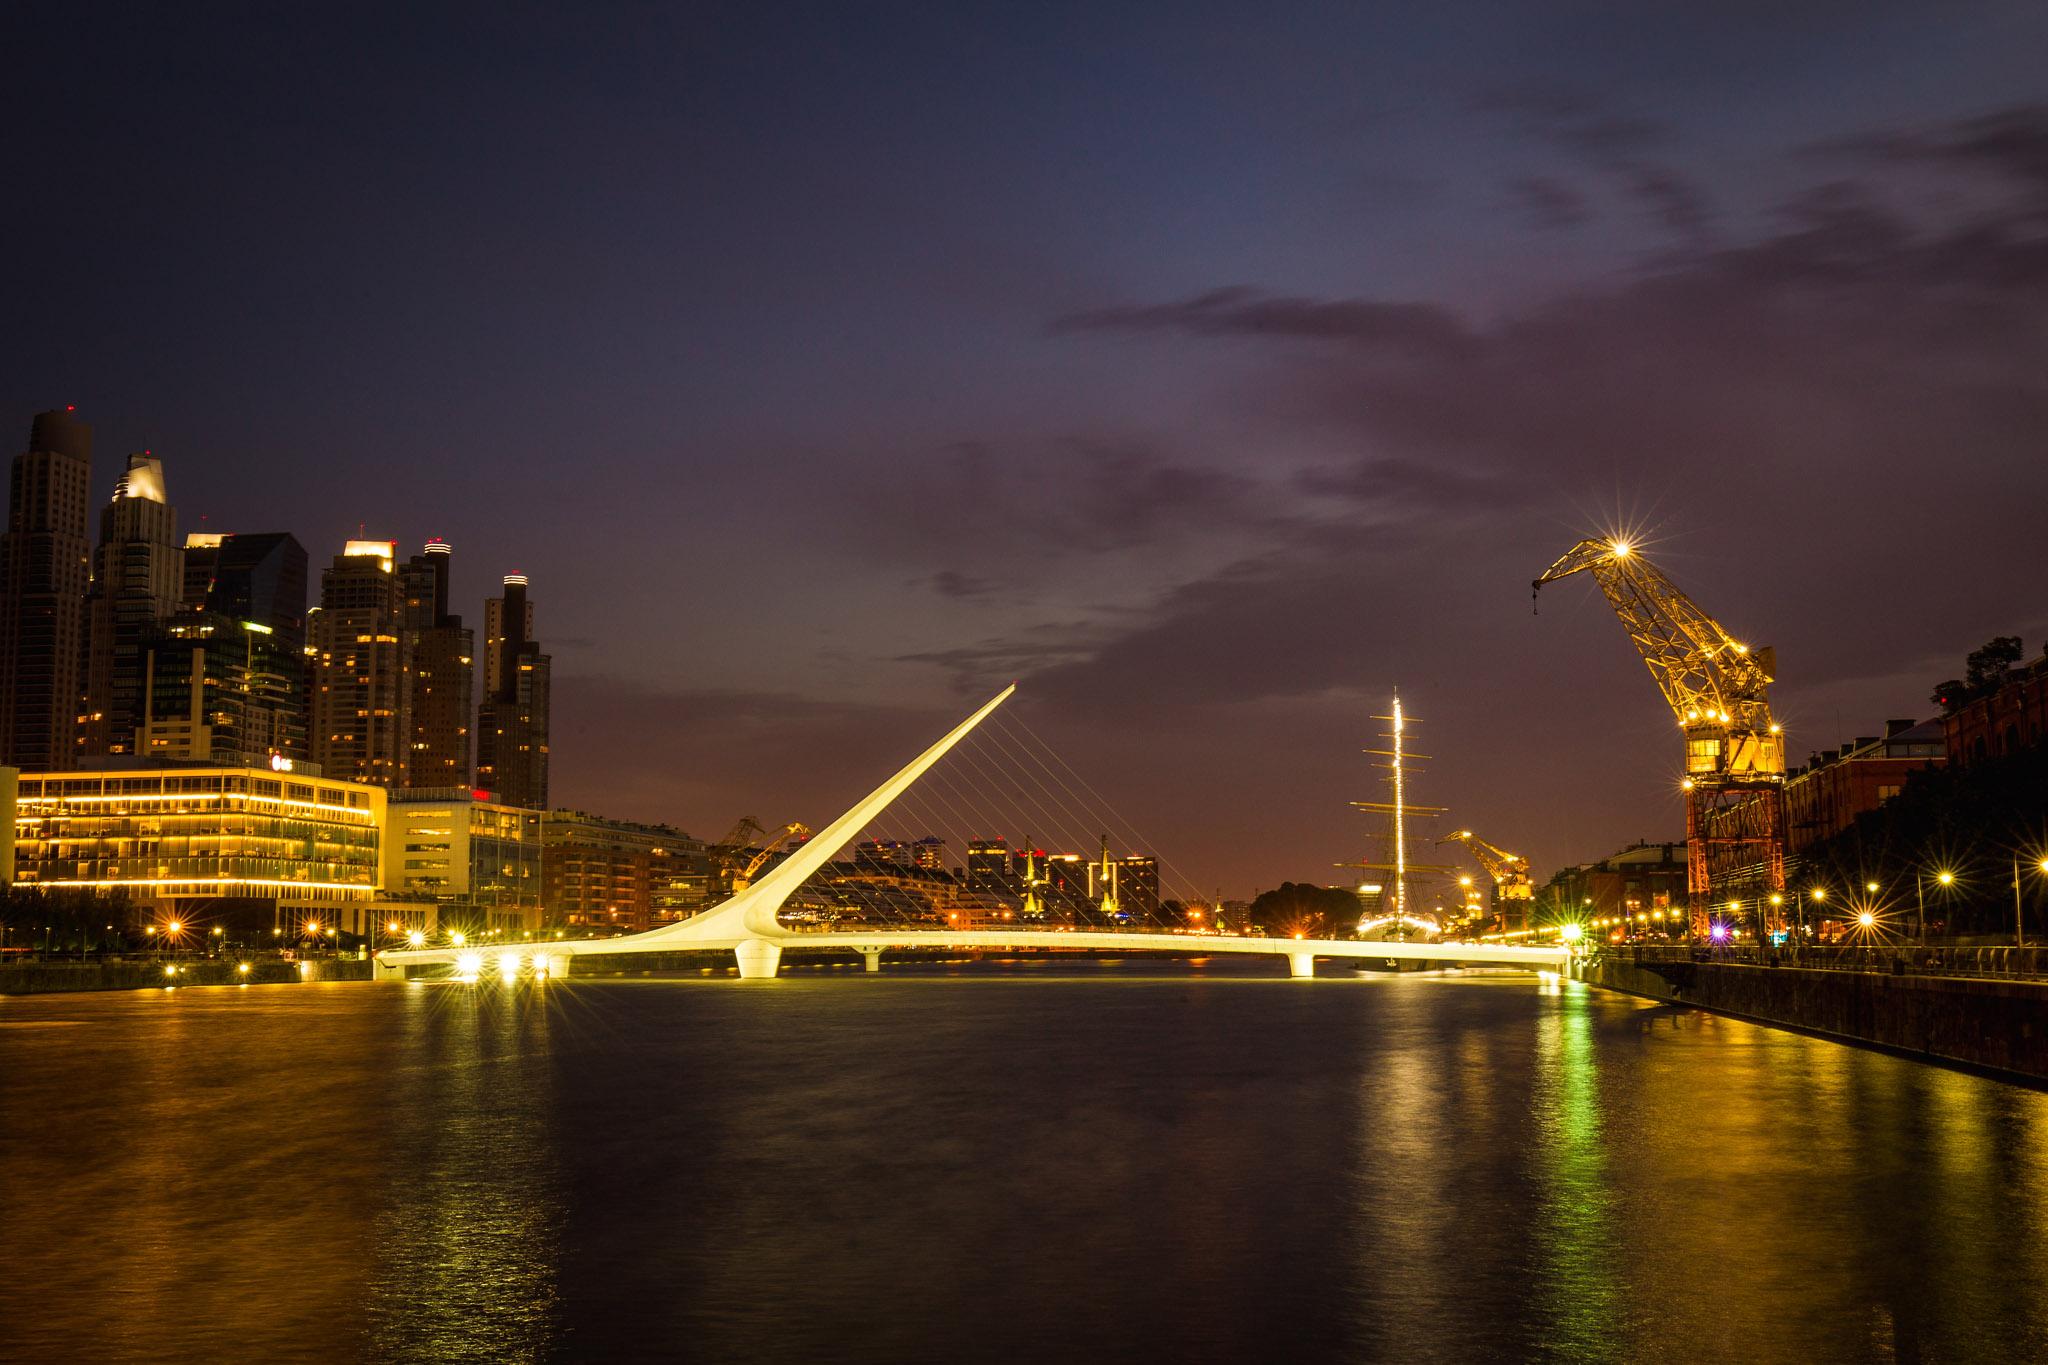 Bridge - Puente de la Mujer